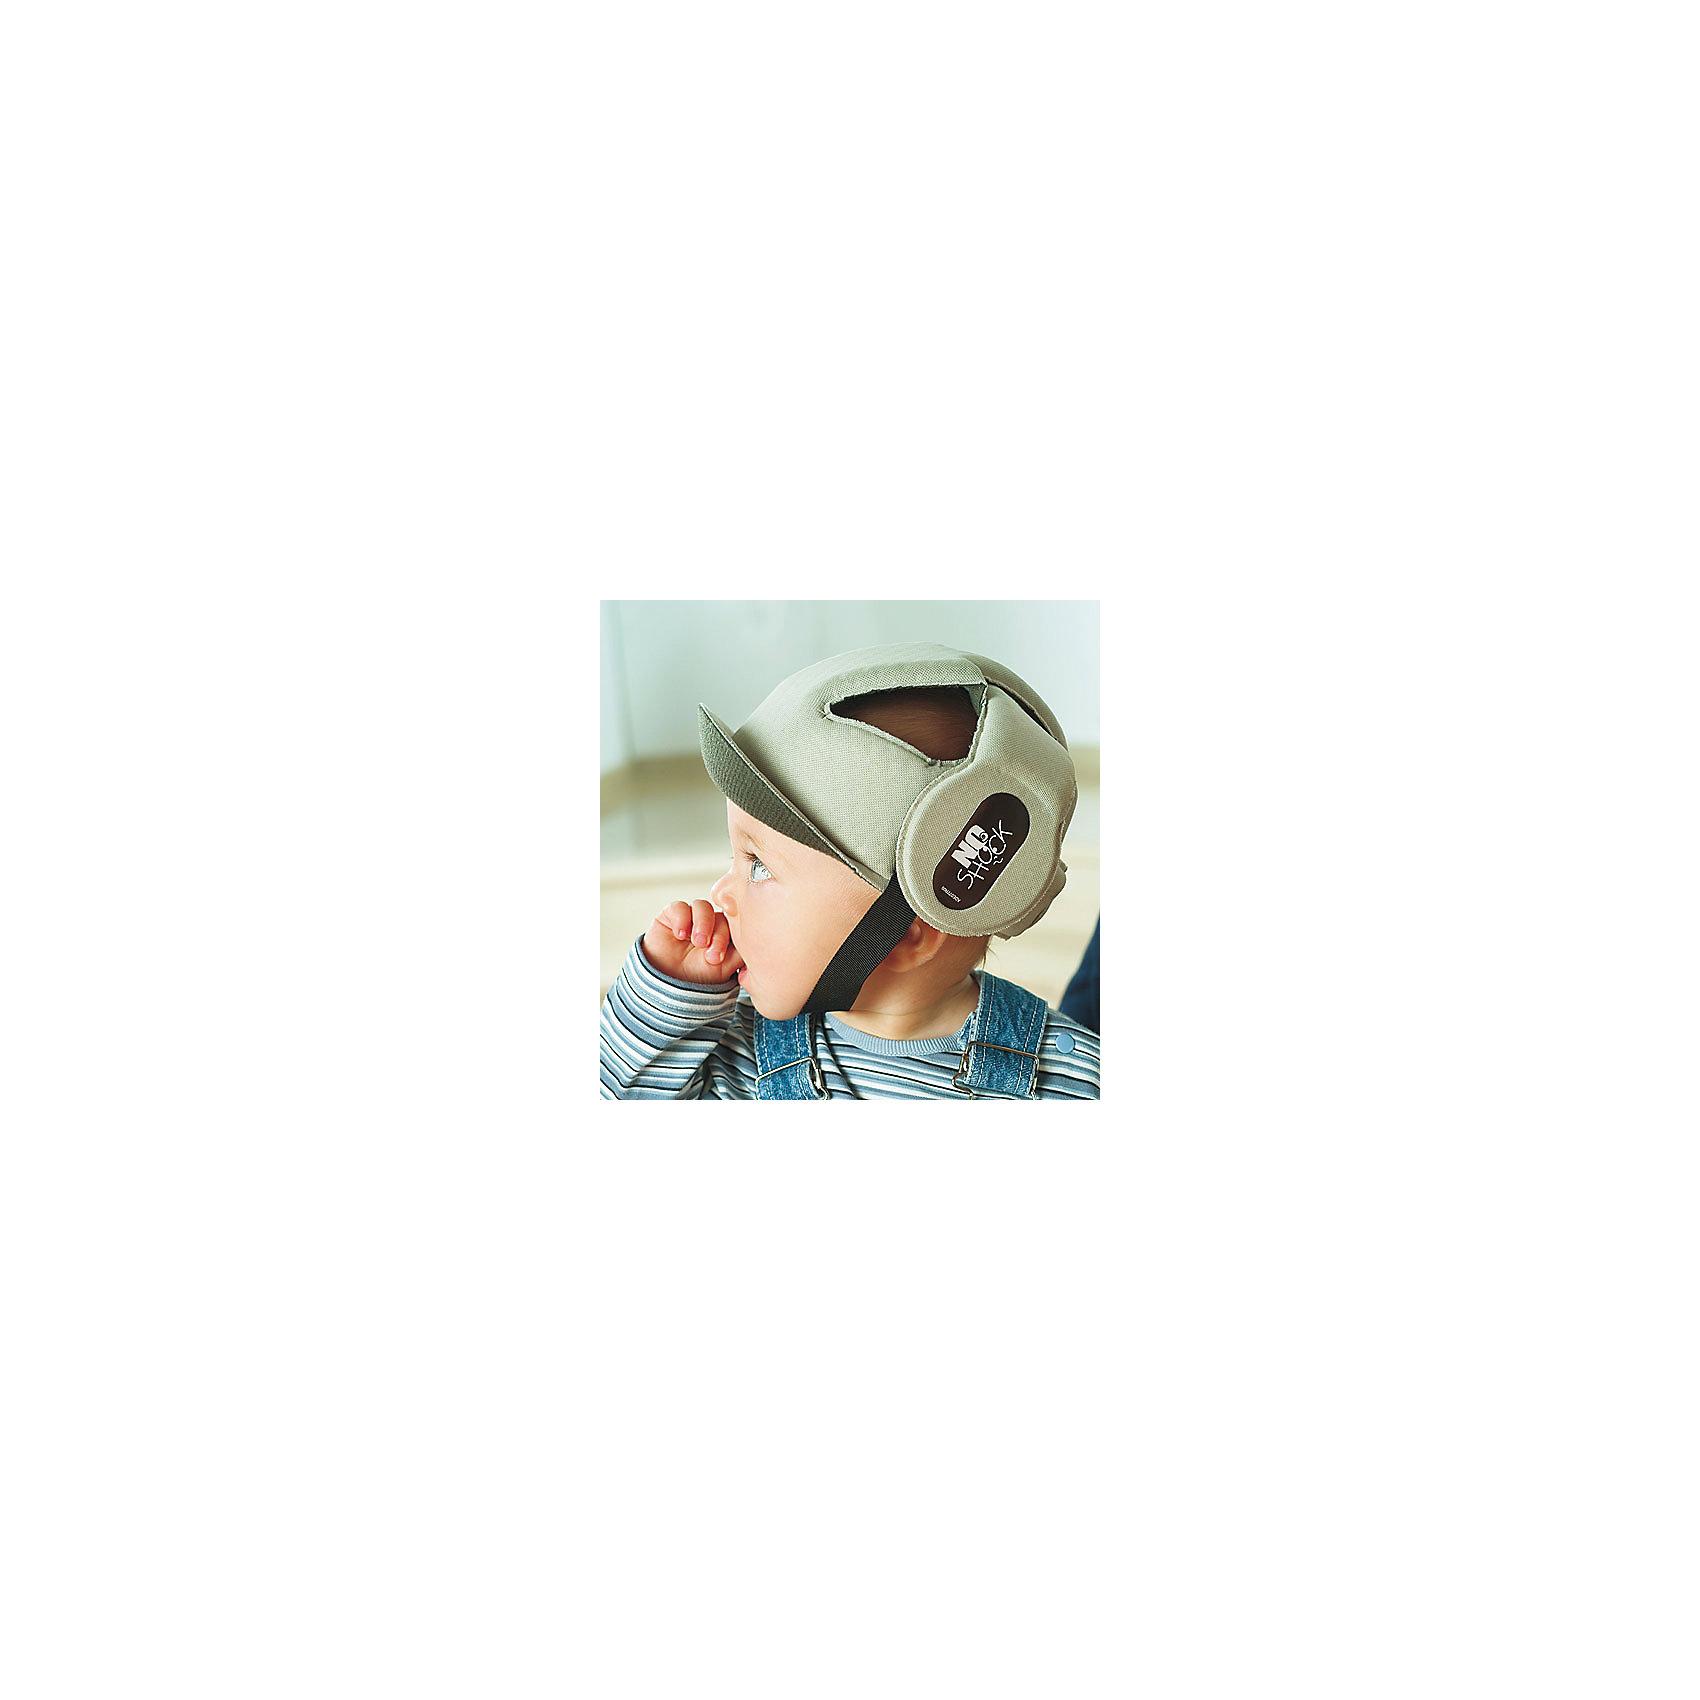 Противоударный шлем No Shock, Ok Baby, бежевыйПрочие товары для безопасности<br>Противоударный шлем No Shock защитит голову малыша во время падений, обеспечив комфорт и безопасность в любой ситуации. Дополнительную защиту в области носа создает  козырек. Мягкий ремешок не натирает шею. Внутреннее покрытие шлема выполнено из специального мягкого полотна, обработанного методом Sanitized, предотвращающим образование плесени и бактерий. <br><br>Дополнительная информация:<br><br>- Материал: внешнее покрытие - 100% полиэфирная ткань; внутреннее покрытие - мягкая ткань. <br>- Размер головы: 44-52.<br>- Рекомендуемый возраст: от 8 до 36 месяцев.<br>- Козырек, защищающий нос.<br>- Можно стирать. <br>- Мягкий ремешок. <br>- Выдерживает до 10 кг. <br><br>Противоударный шлем No Shock, Ok Baby, бежевый, можно купить в нашем магазине.<br><br>Ширина мм: 150<br>Глубина мм: 130<br>Высота мм: 100<br>Вес г: 200<br>Возраст от месяцев: 6<br>Возраст до месяцев: 18<br>Пол: Унисекс<br>Возраст: Детский<br>SKU: 4443729